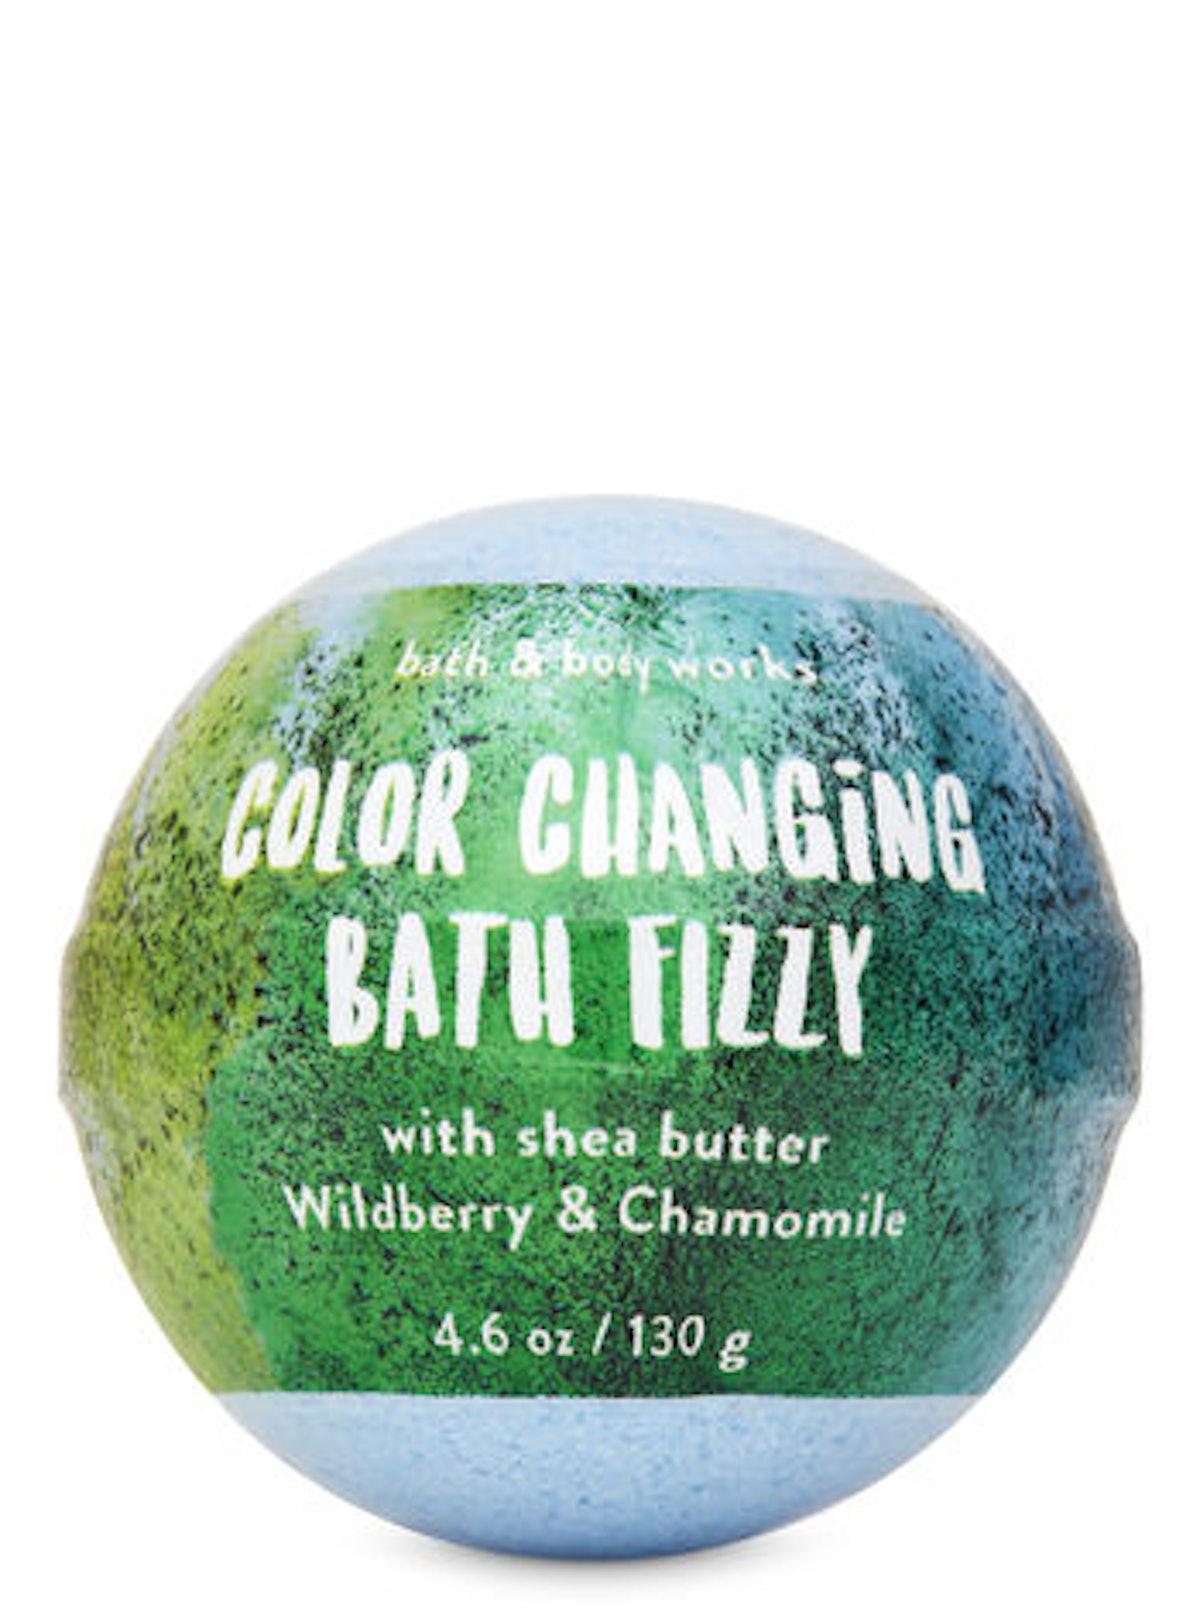 Bath & Body Works Wildberry & Chamomile Bath Fizzy